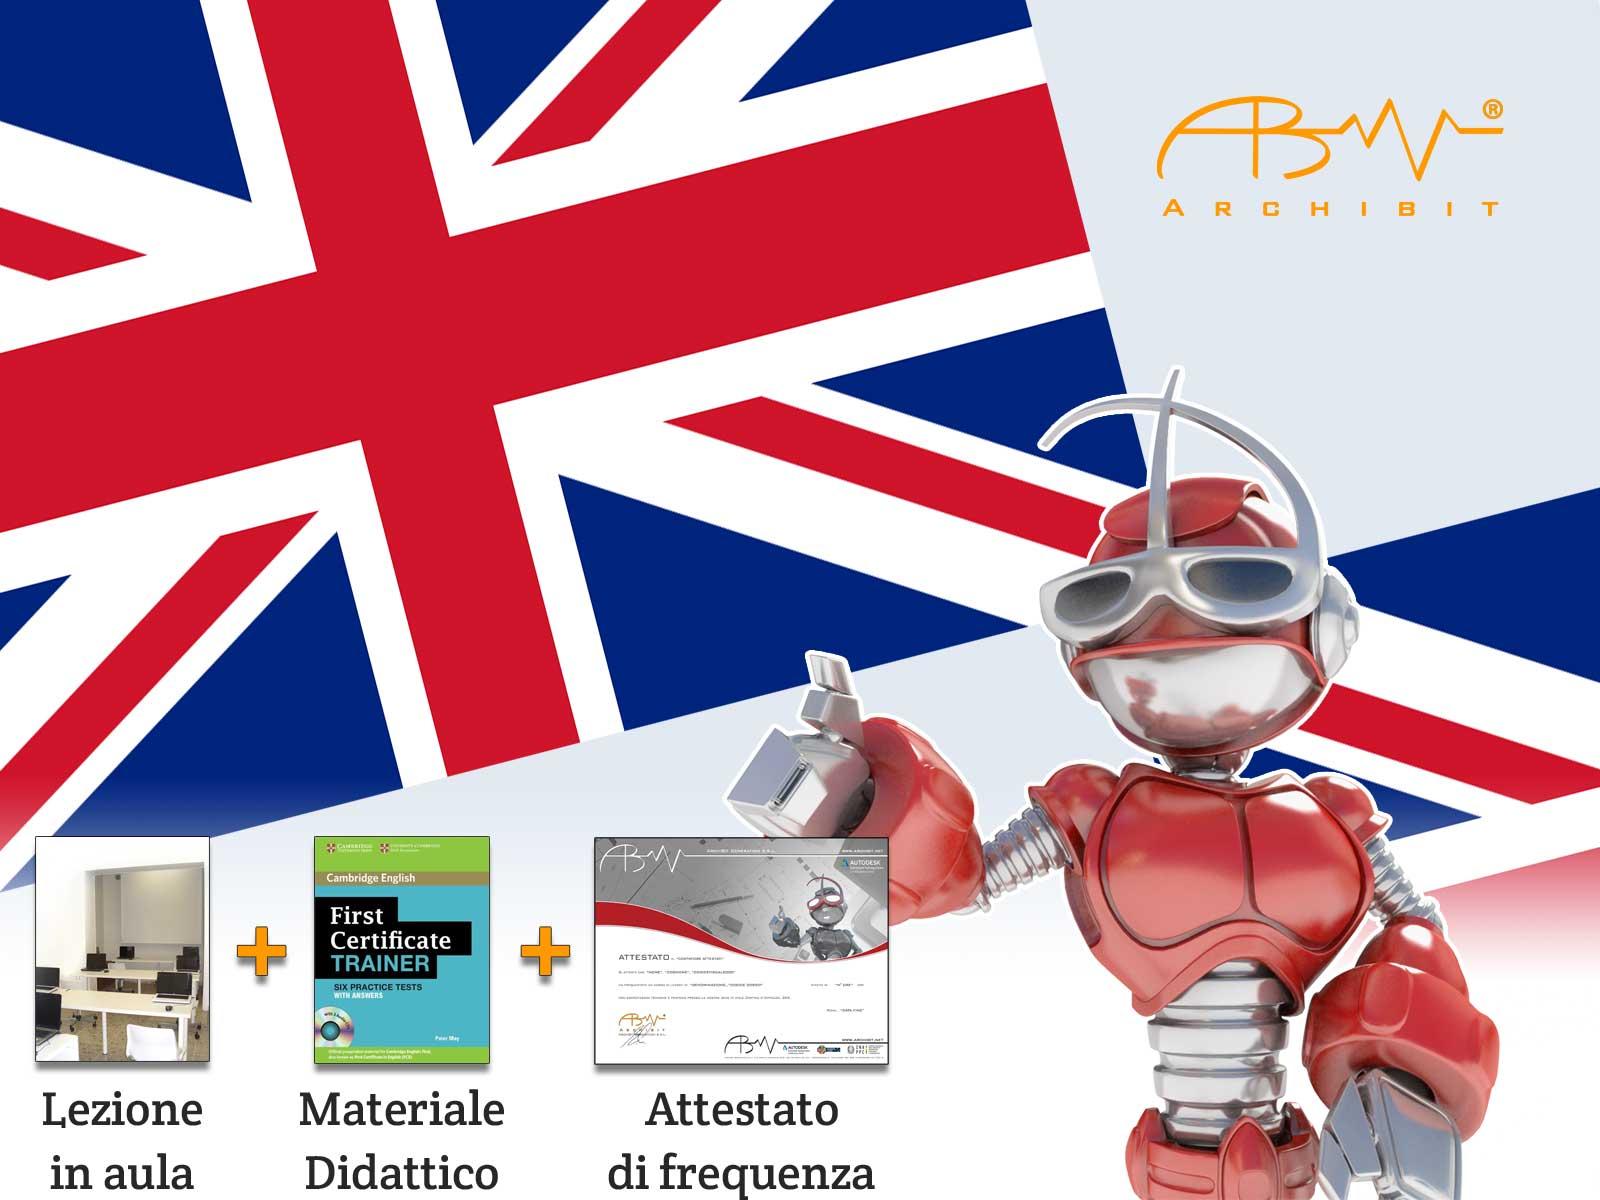 Corso inglese preparazione esame first certificate livello b1 b2 archibit centro corsi accreditato regione Lazio CNAPPC crediti formativi